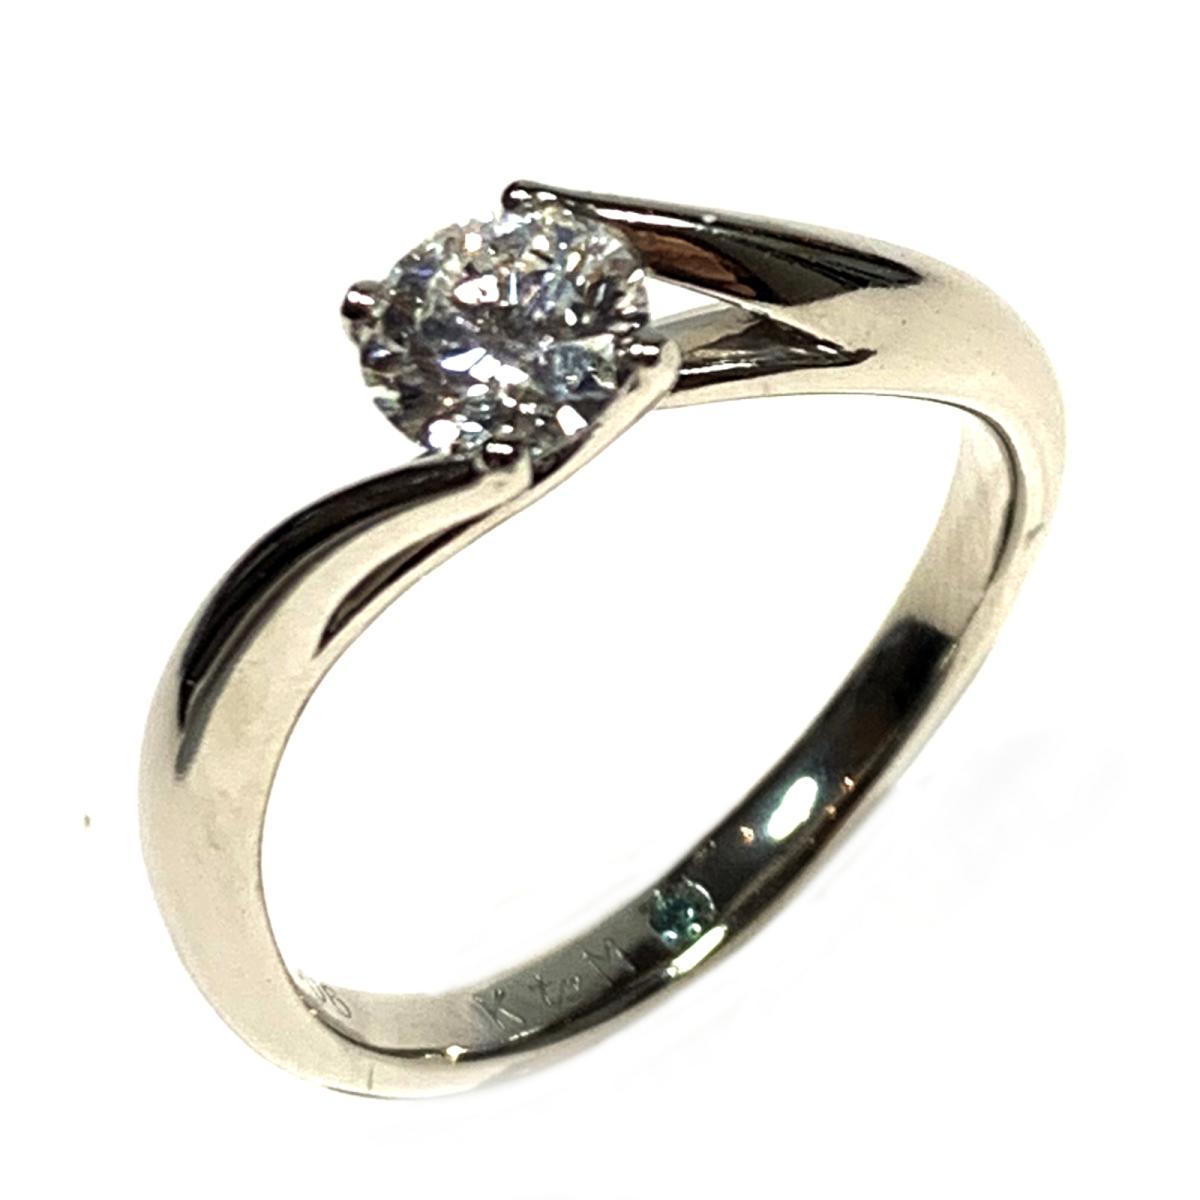 【中古】 ジュエリー ダイヤモンド リング 指輪 レディース PT900 プラチナ x 0.506ct シルバー | JEWELRY BRANDOFF ブランドオフ ブランド アクセサリー